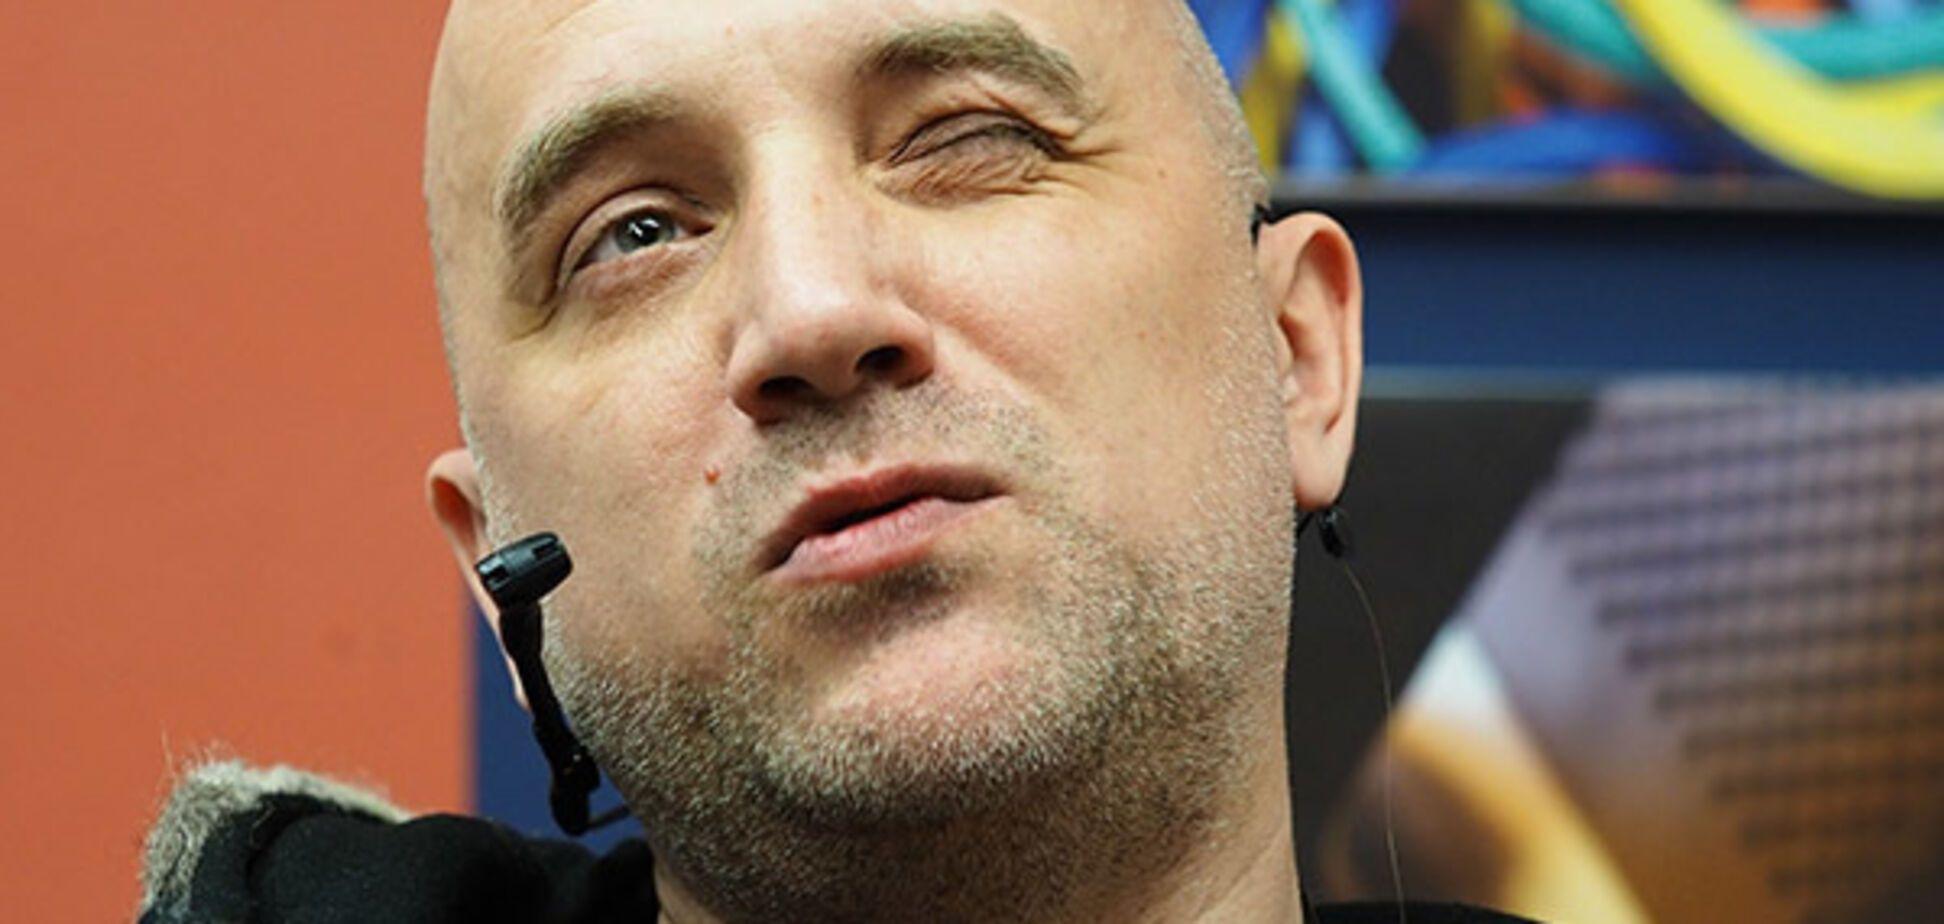 ''Это нелепо'': Прилепин объяснил, почему ''Донбасс не вернется в Украину''